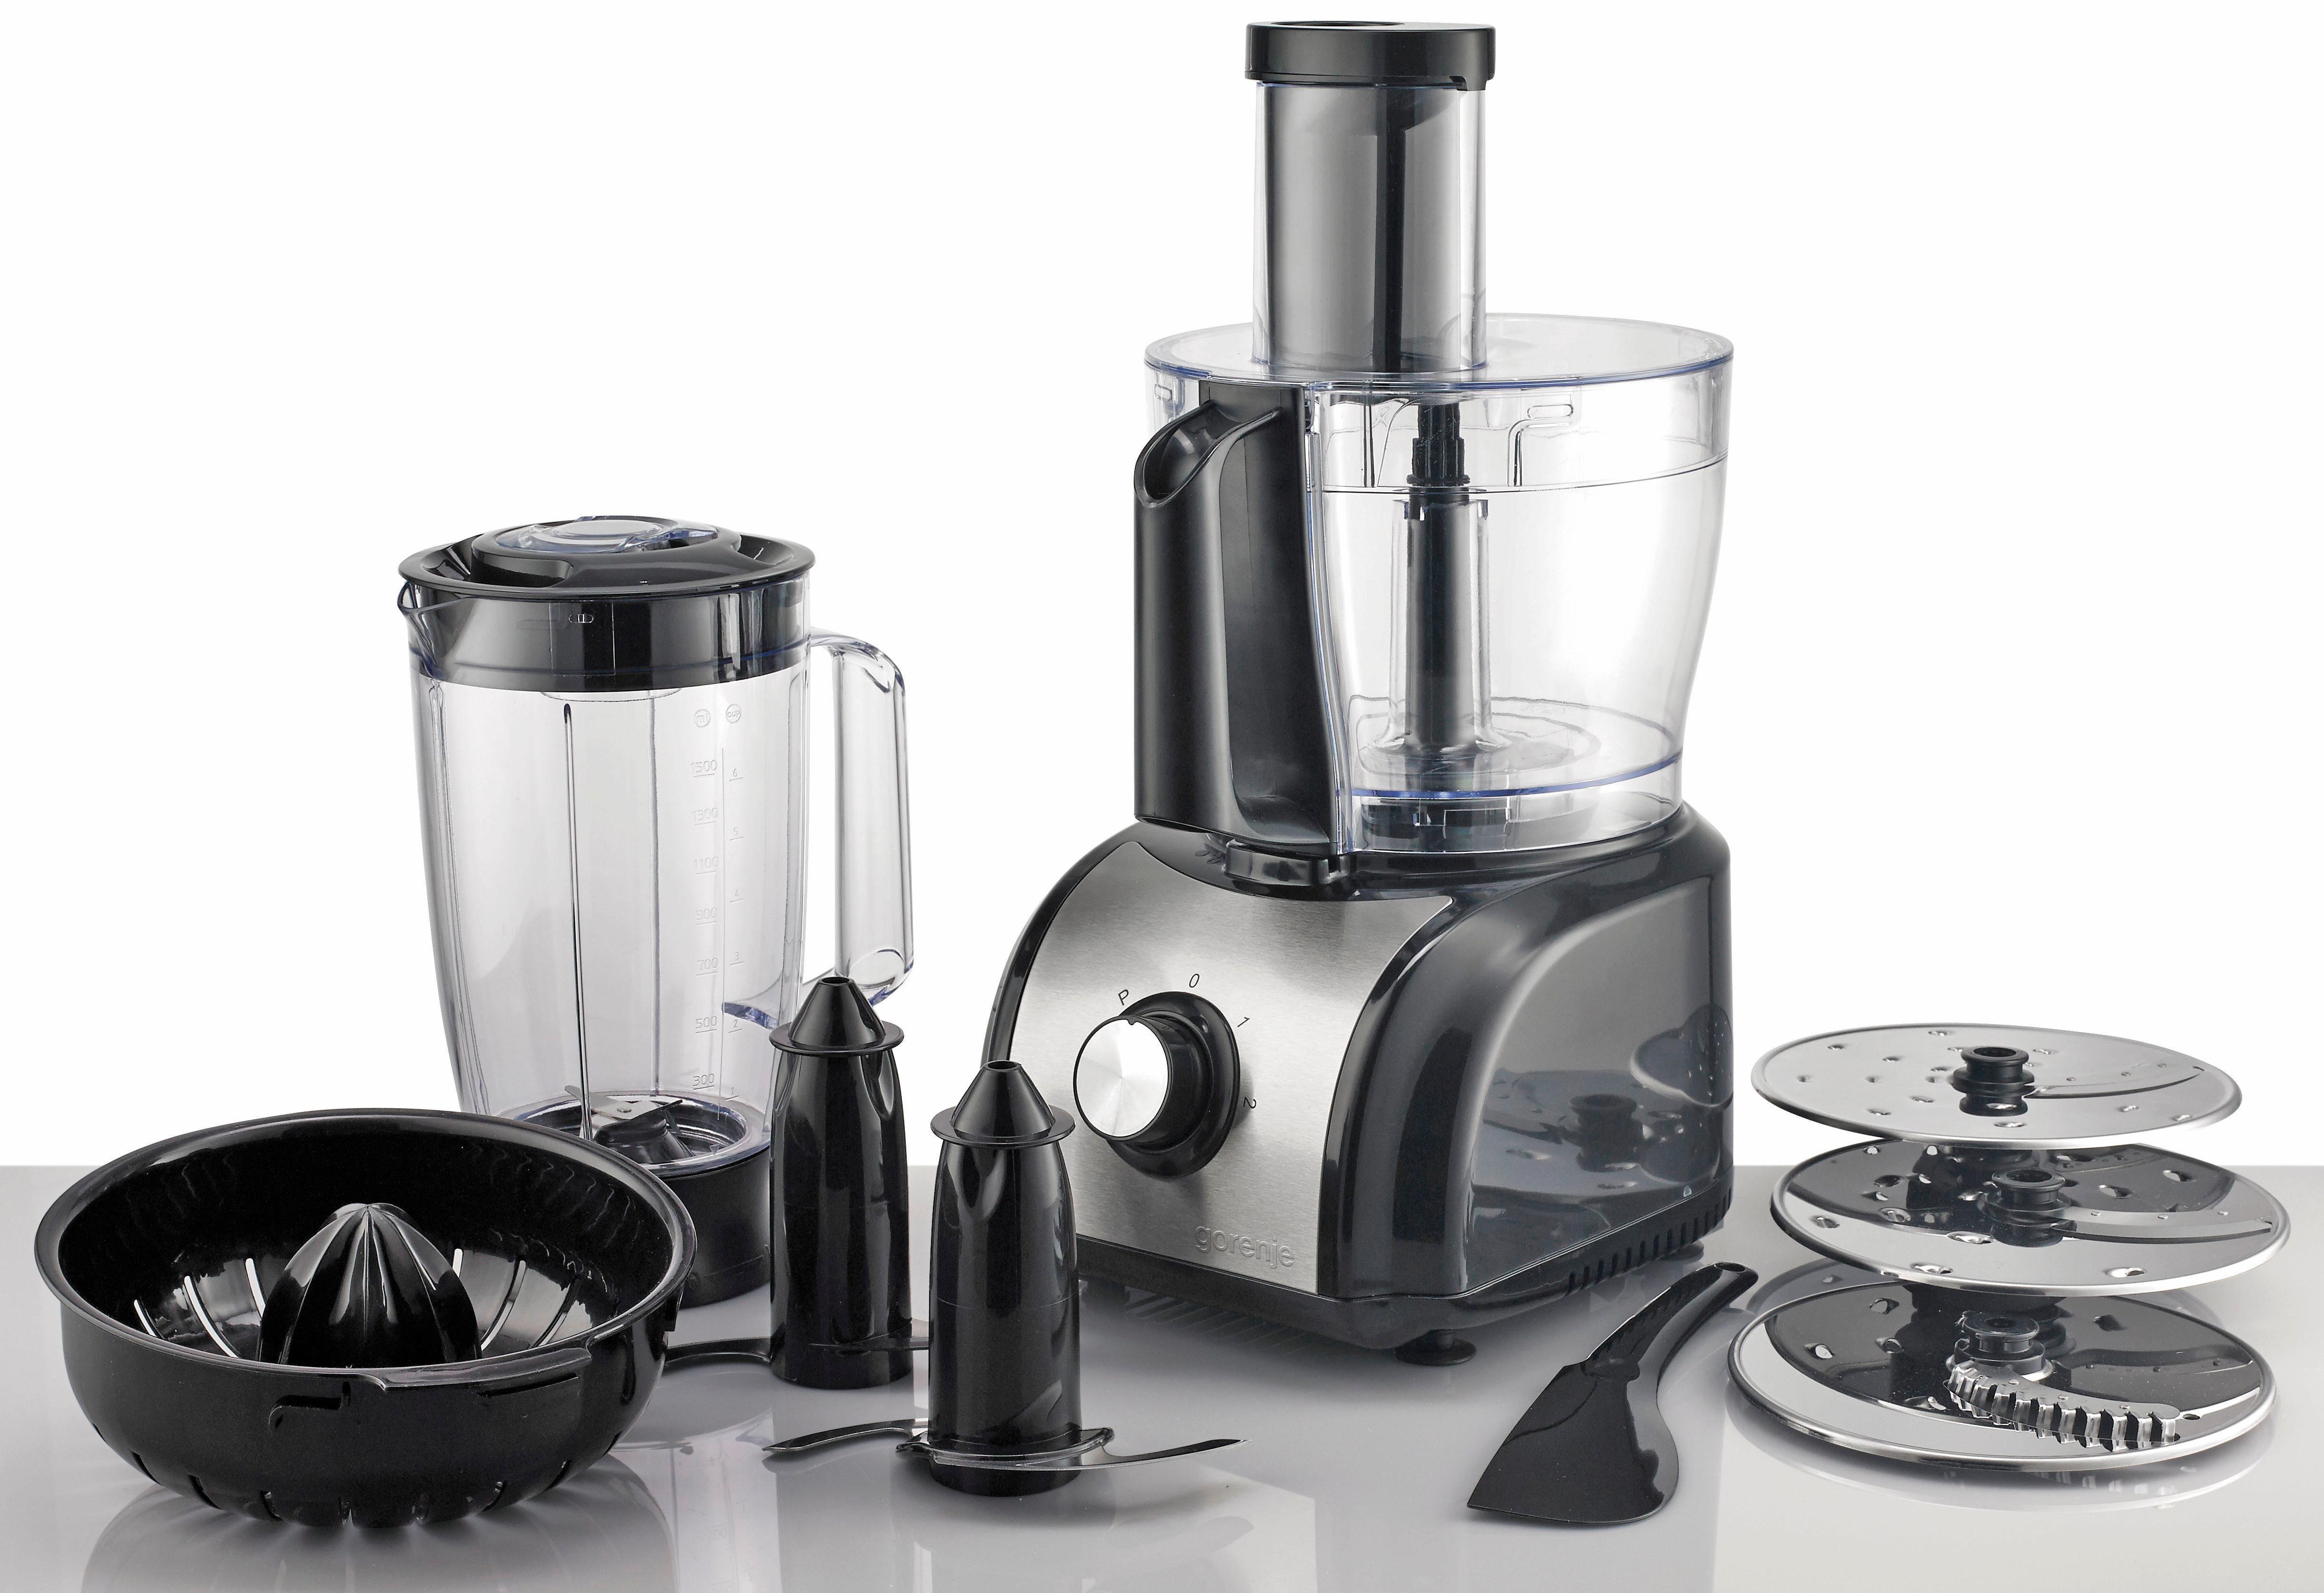 Gorenje Küchenmaschine SB800B, 1,5 Liter, 800 Watt, edelstahl-schwarz